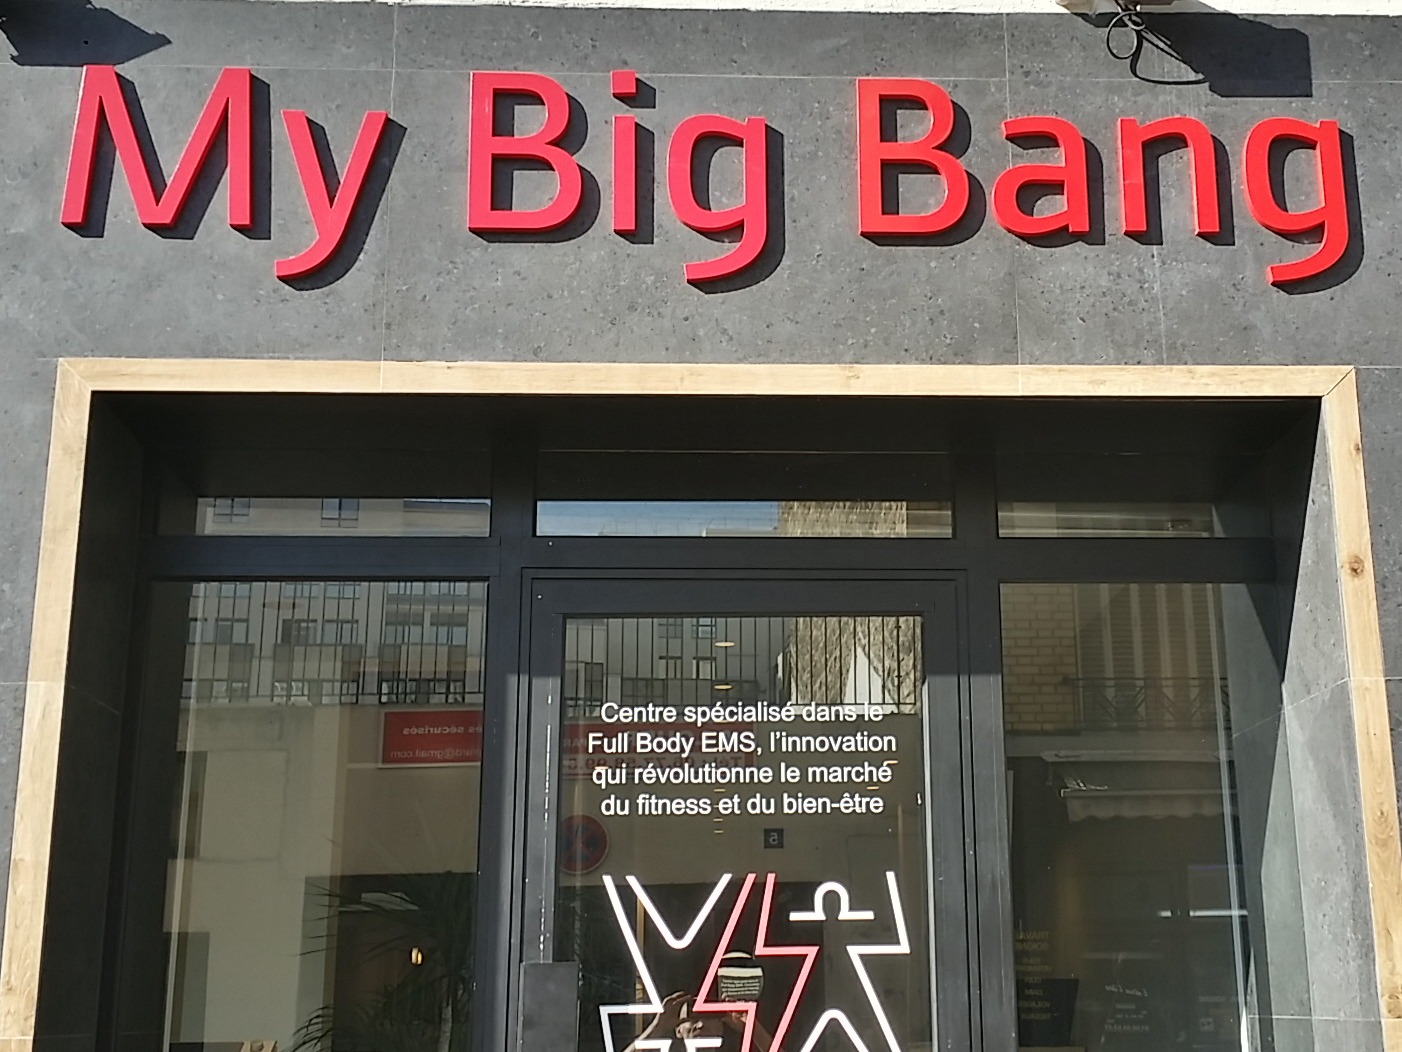 My Big Bang